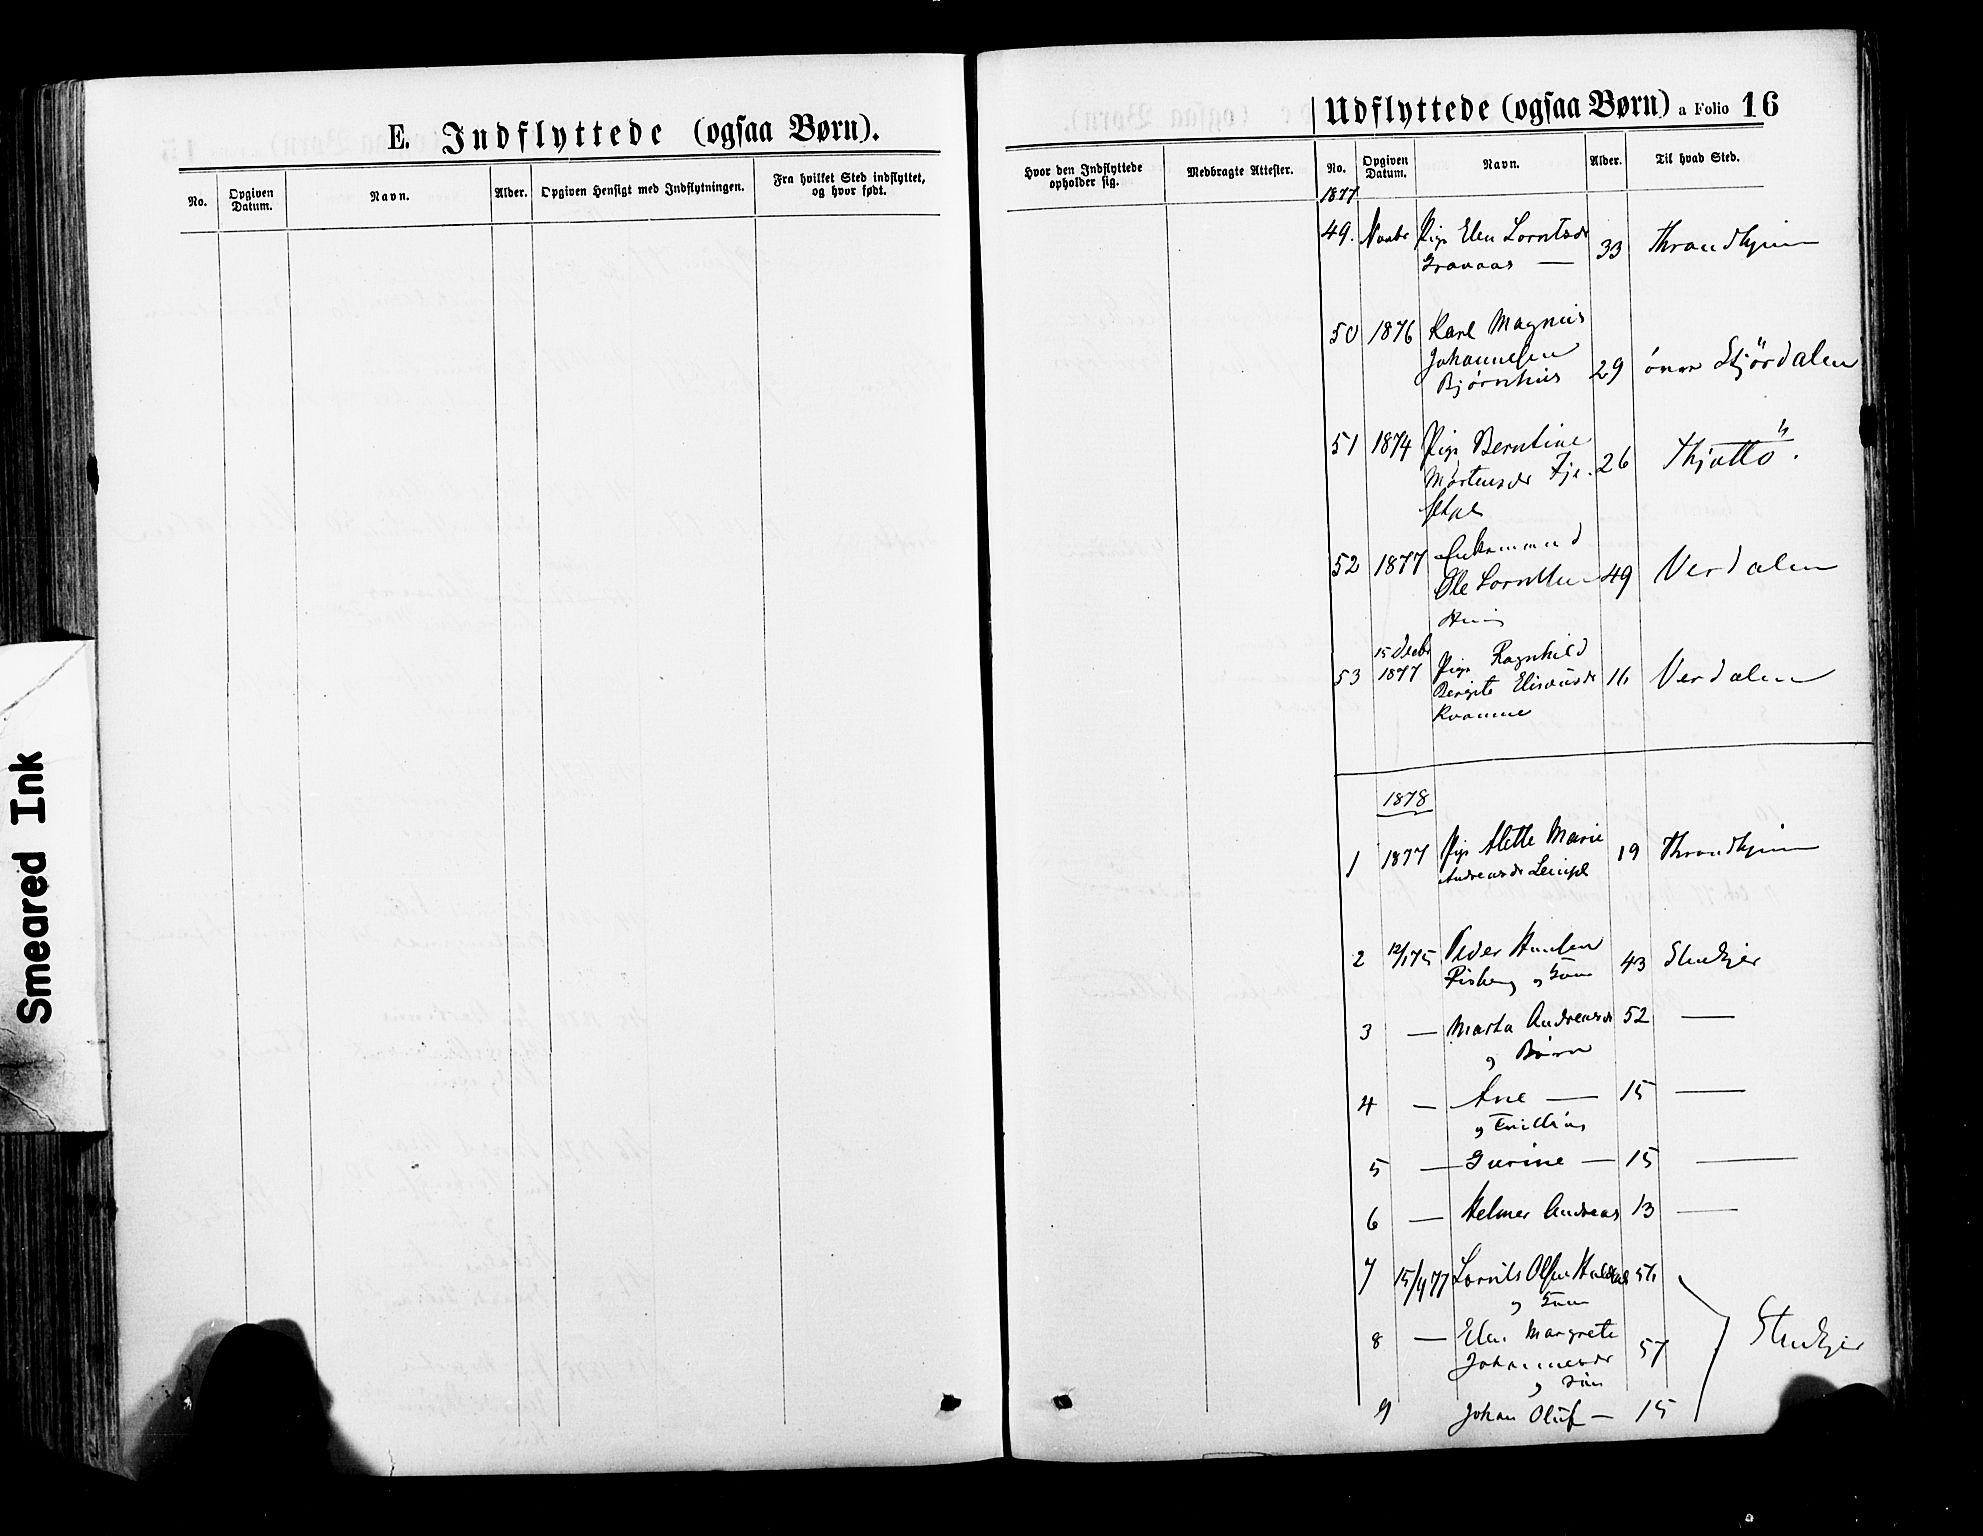 SAT, Ministerialprotokoller, klokkerbøker og fødselsregistre - Nord-Trøndelag, 735/L0348: Ministerialbok nr. 735A09 /1, 1873-1883, s. 16